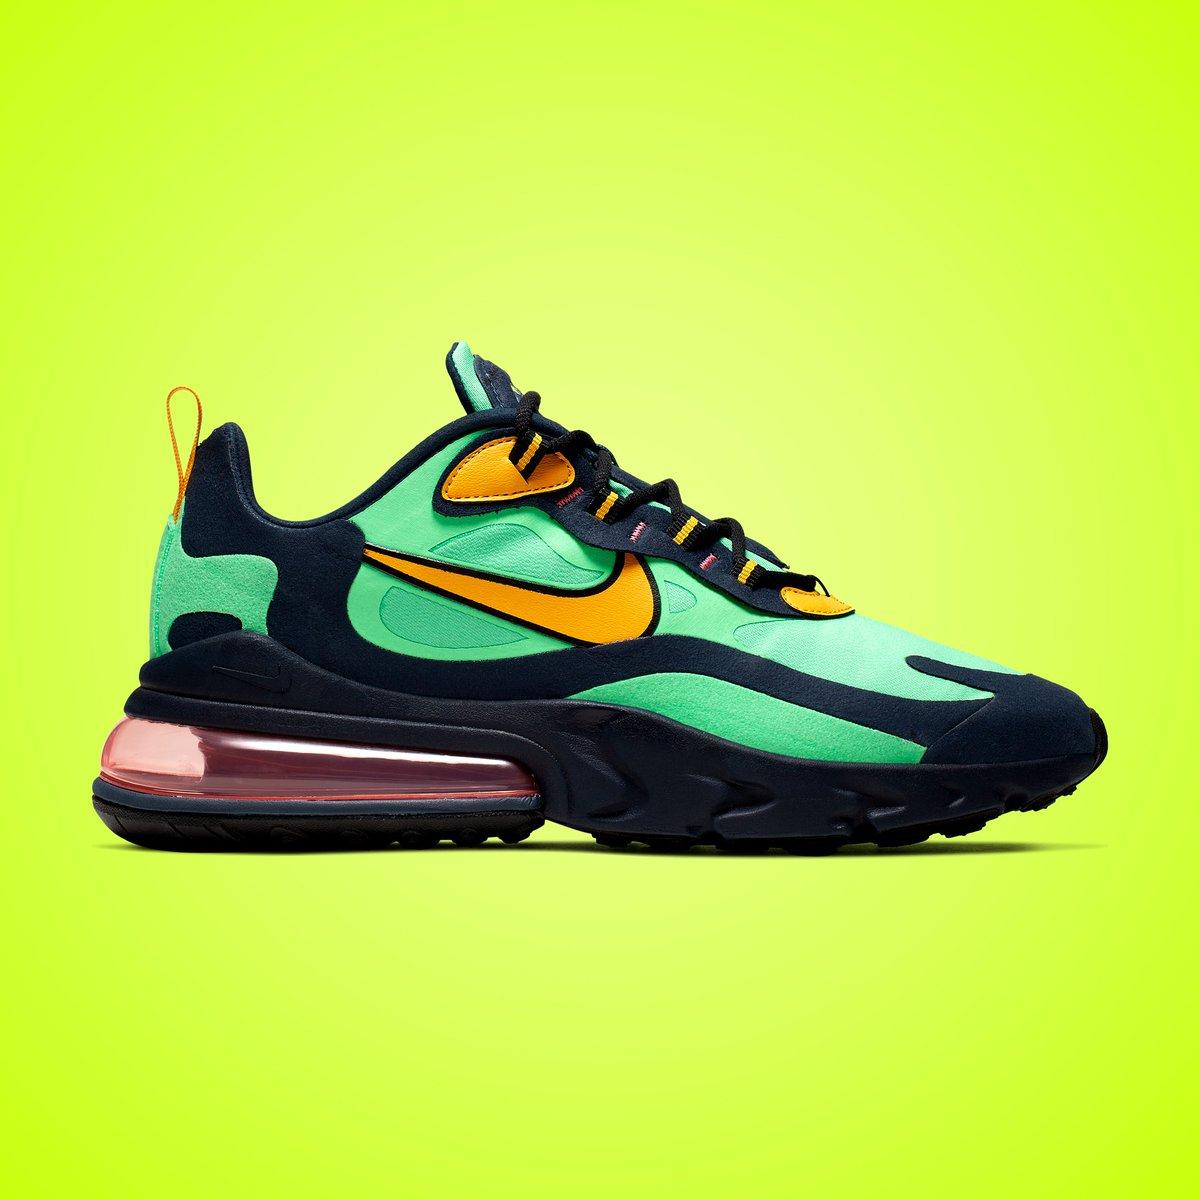 """online retailer d4e03 3095d Nike Air Max 270 React """"Electro Green"""" Available ..."""